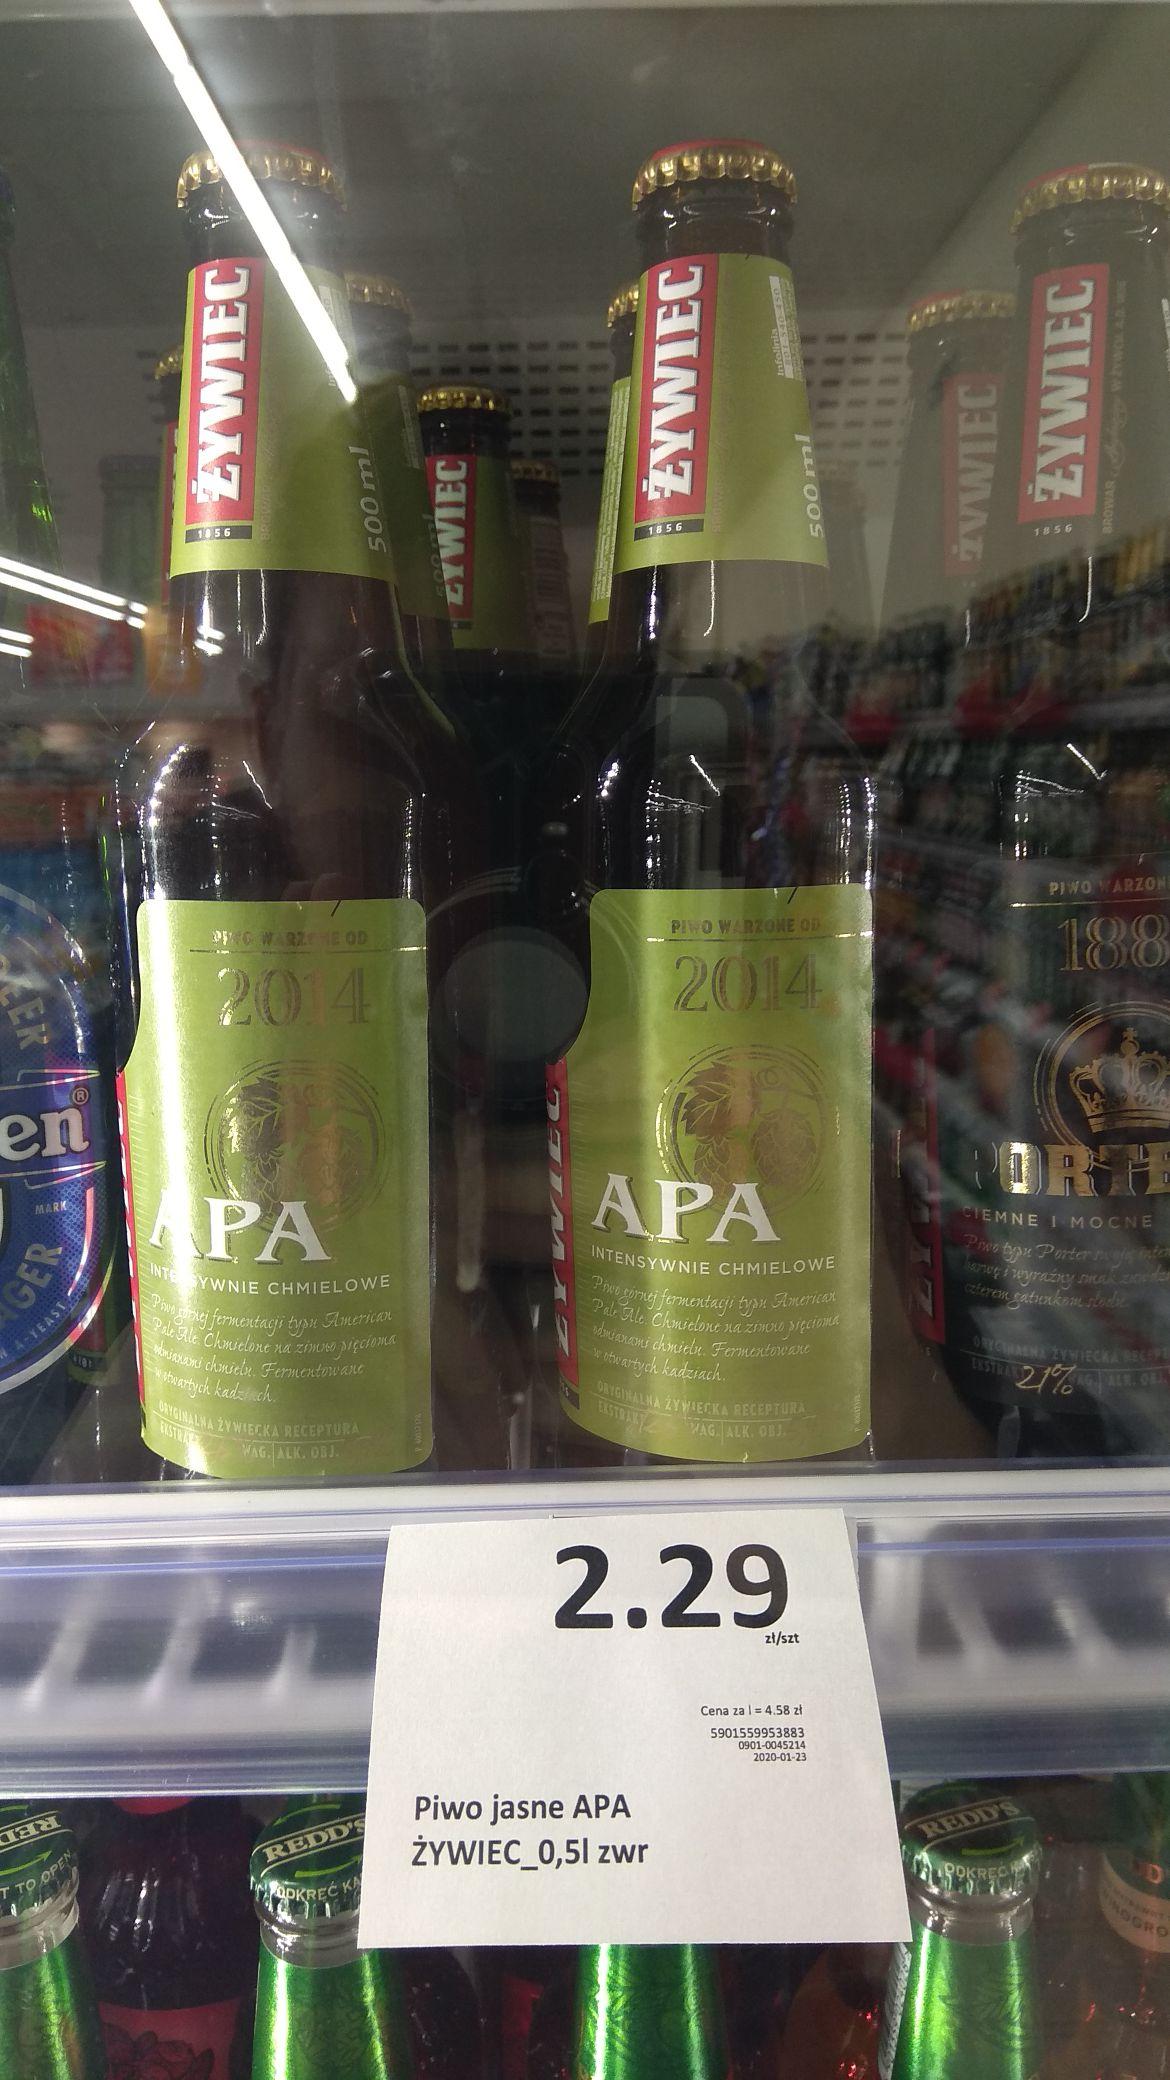 Piwo Żywiec APA 0.5l w butelce. Mila